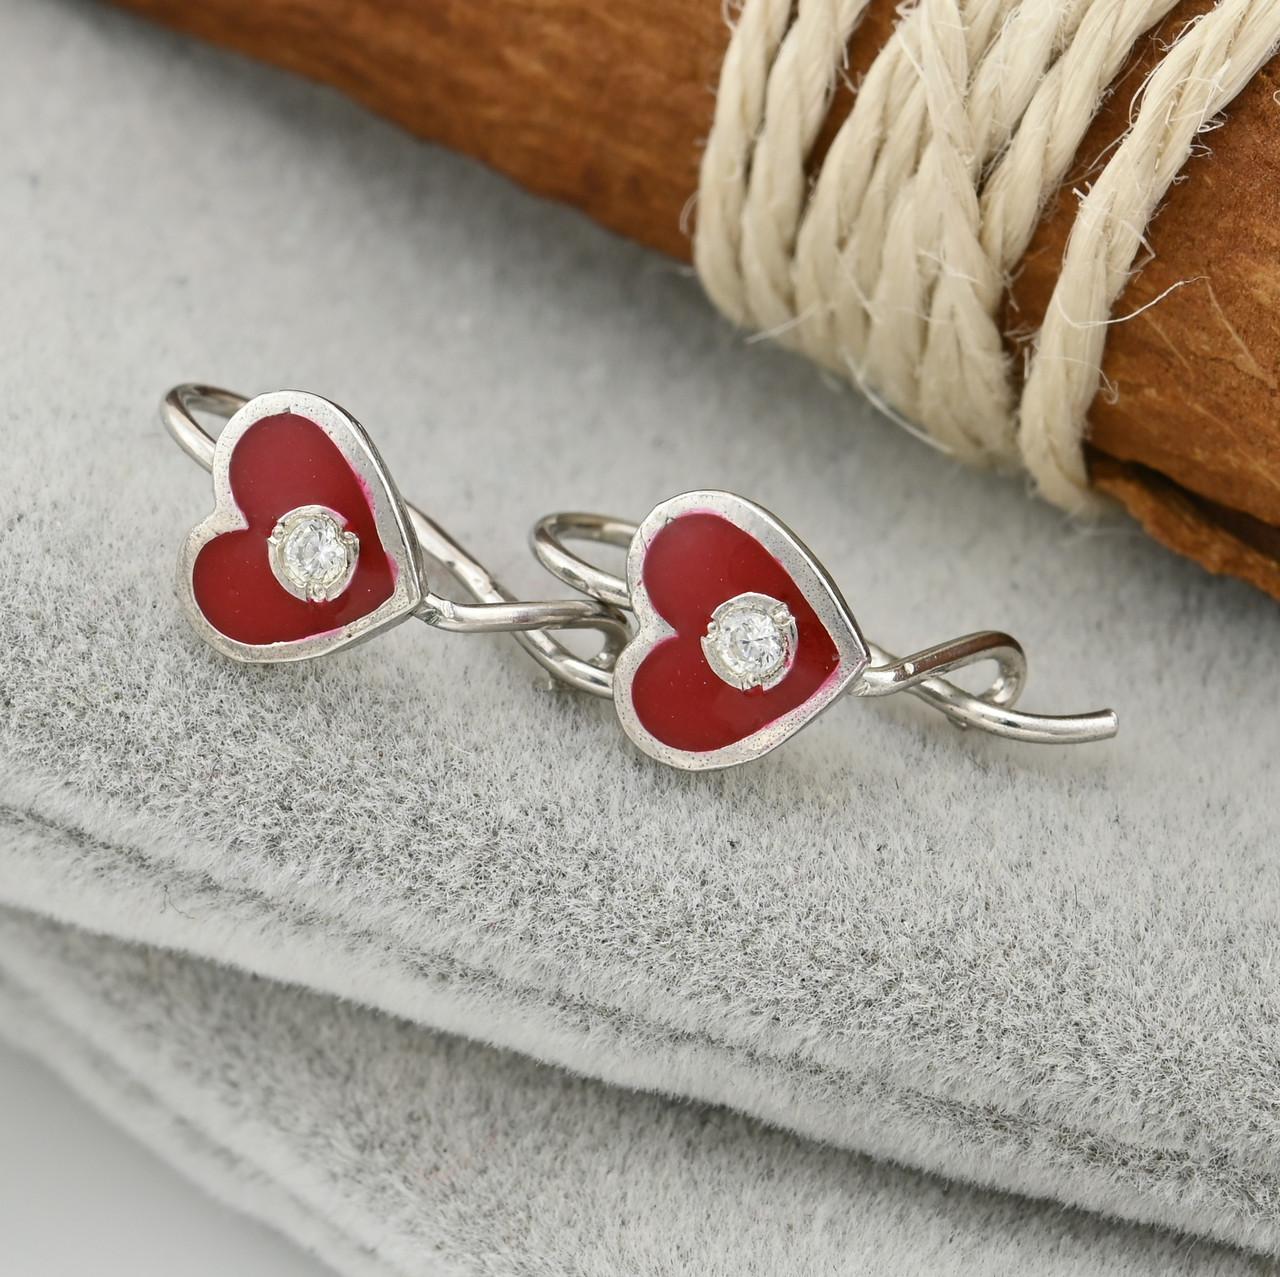 Серебряные серьги Сердце с диамантом размер 12х7 мм белые фианиты красная эмаль вес 2.68 г